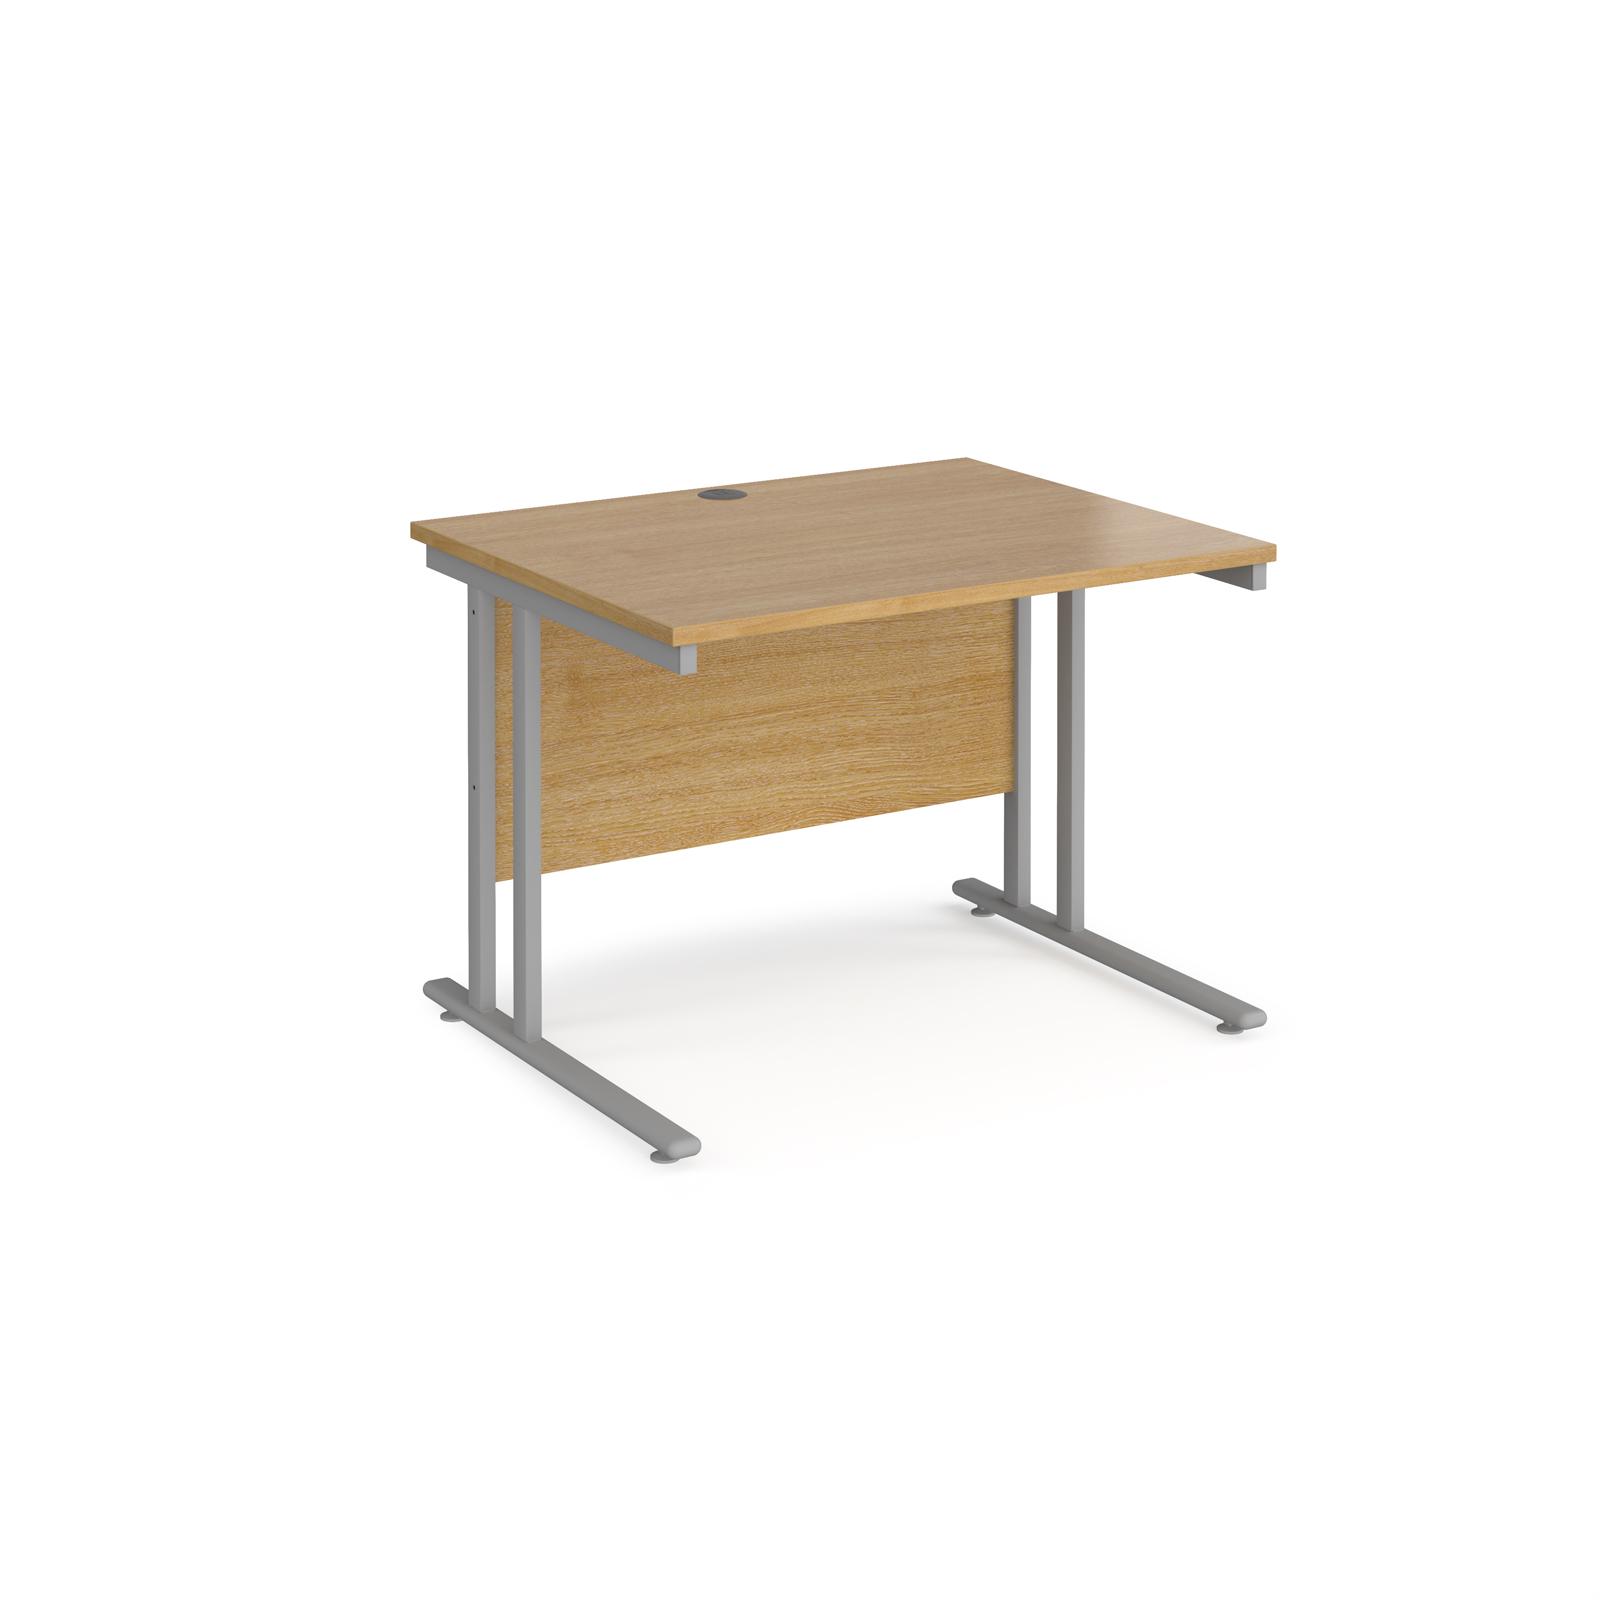 Rectangular Desks Maestro 25 straight desk 1000mm x 800mm - silver cantilever leg frame, oak top